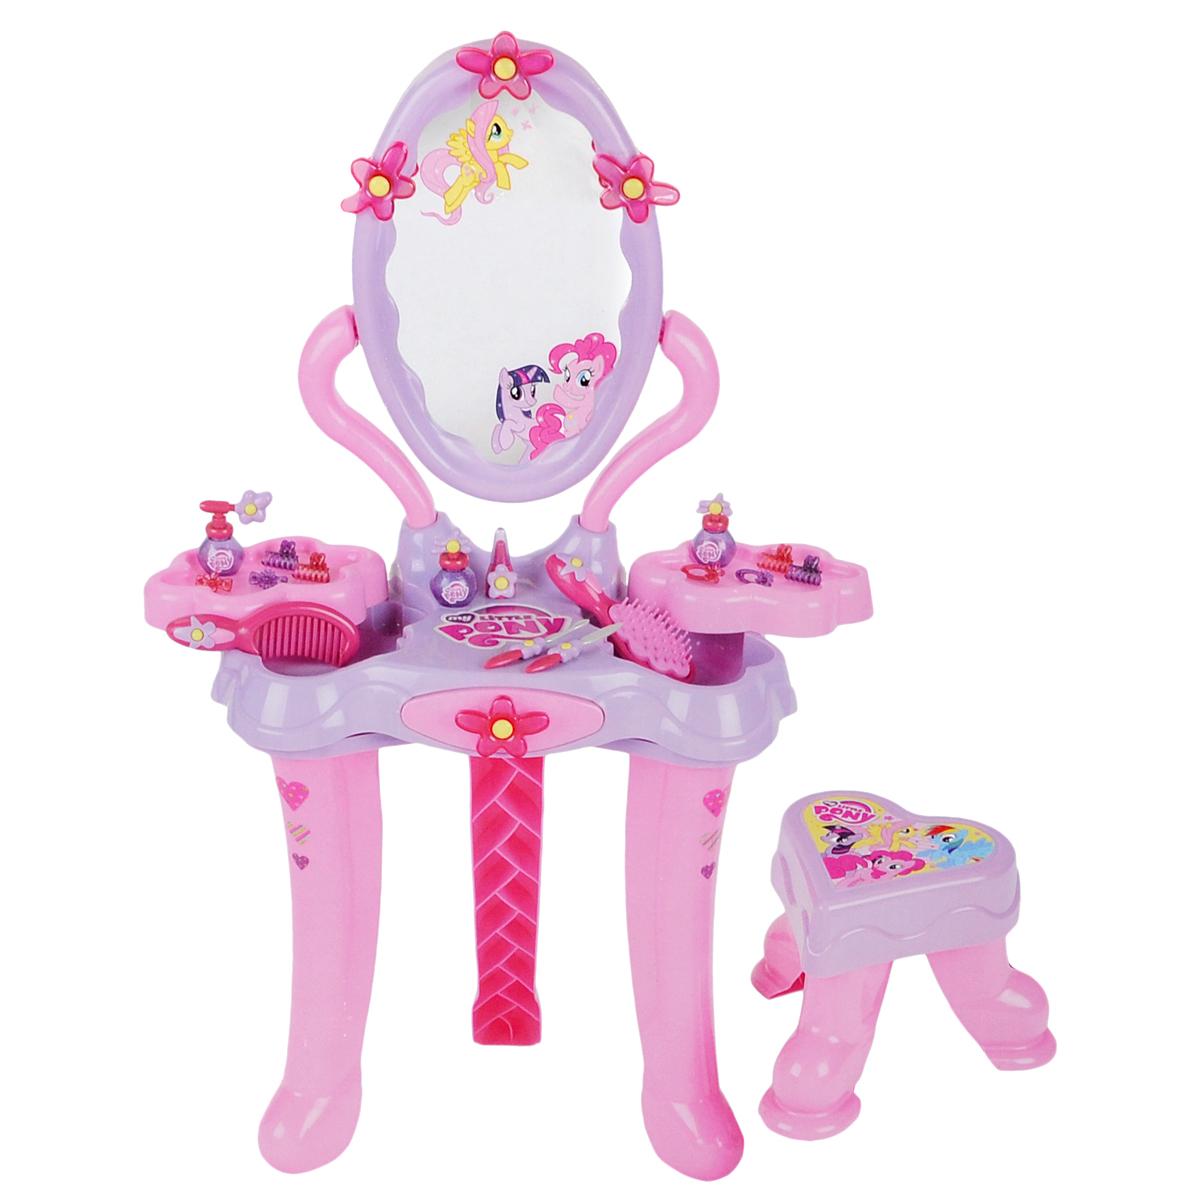 Игровой набор Klein My Little Pony. Студия красоты, 18 предметов5301Игровой набор Klein My Little Pony. Студия красоты привлечет внимание вашей малышки и позволит ей почувствовать себя настоящей модницей. Студия красоты представляет собой столик на трех ножках с табуретом и оснащена большим безопасным зеркальцем, выдвижным ящичком и двумя поворотными полочками, закрывающими два отсека для хранения аксессуаров. В набор входят следующие игрушечные аксессуары для маленькой красавицы: расческа, щетка, 3 флакончика для духов, 4 крабика для волос, 4 заколки-зажима, 2 игрушечные пилочки для ногтей и игрушечная губная помада. Ваша малышка сможет любоваться на свое отражение в зеркале и прихорашиваться. Порадуйте ее таким замечательным набором!